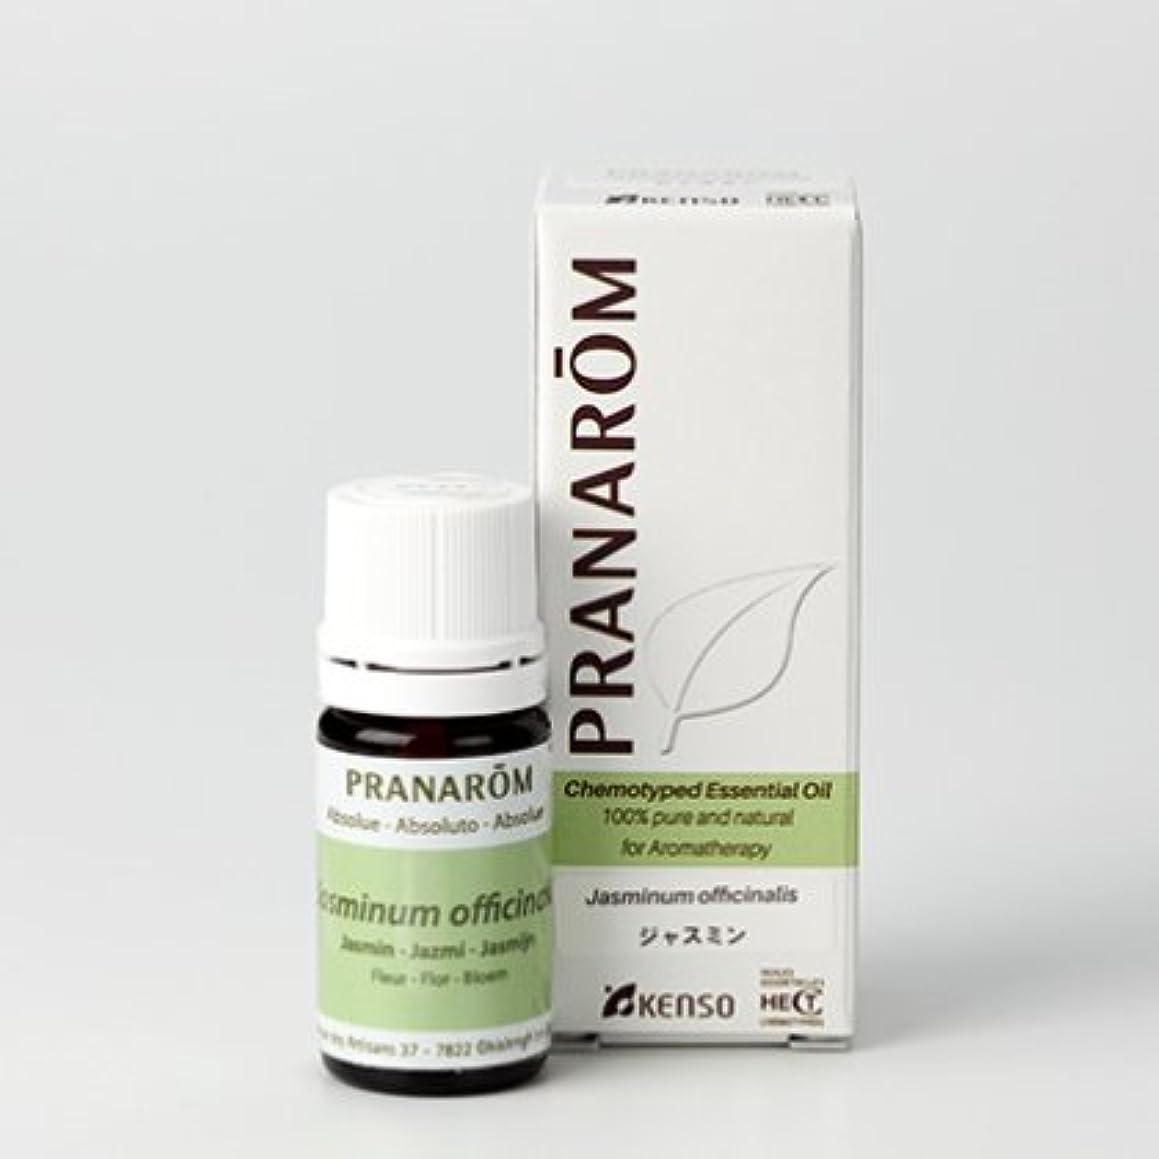 人事マニアックマウンドジャスミン 5mlミドルノート プラナロム社エッセンシャルオイル(精油)